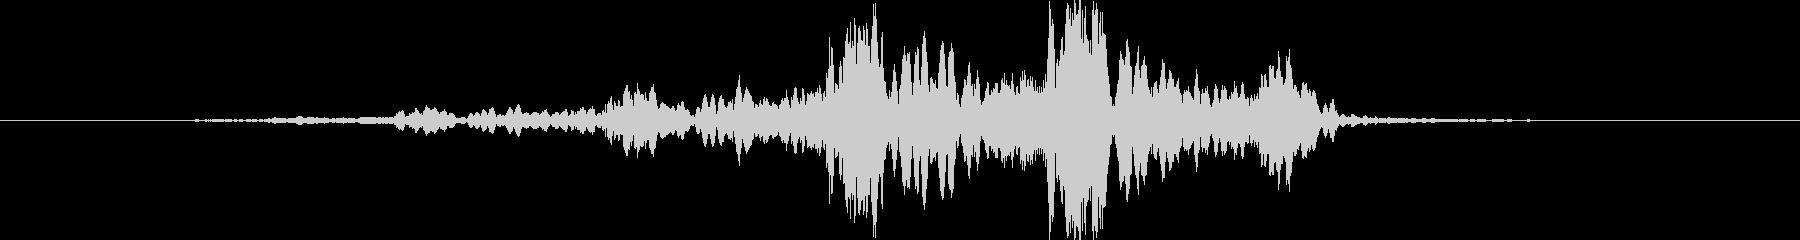 【DJスクラッチ】ジュクジュクジュクの未再生の波形